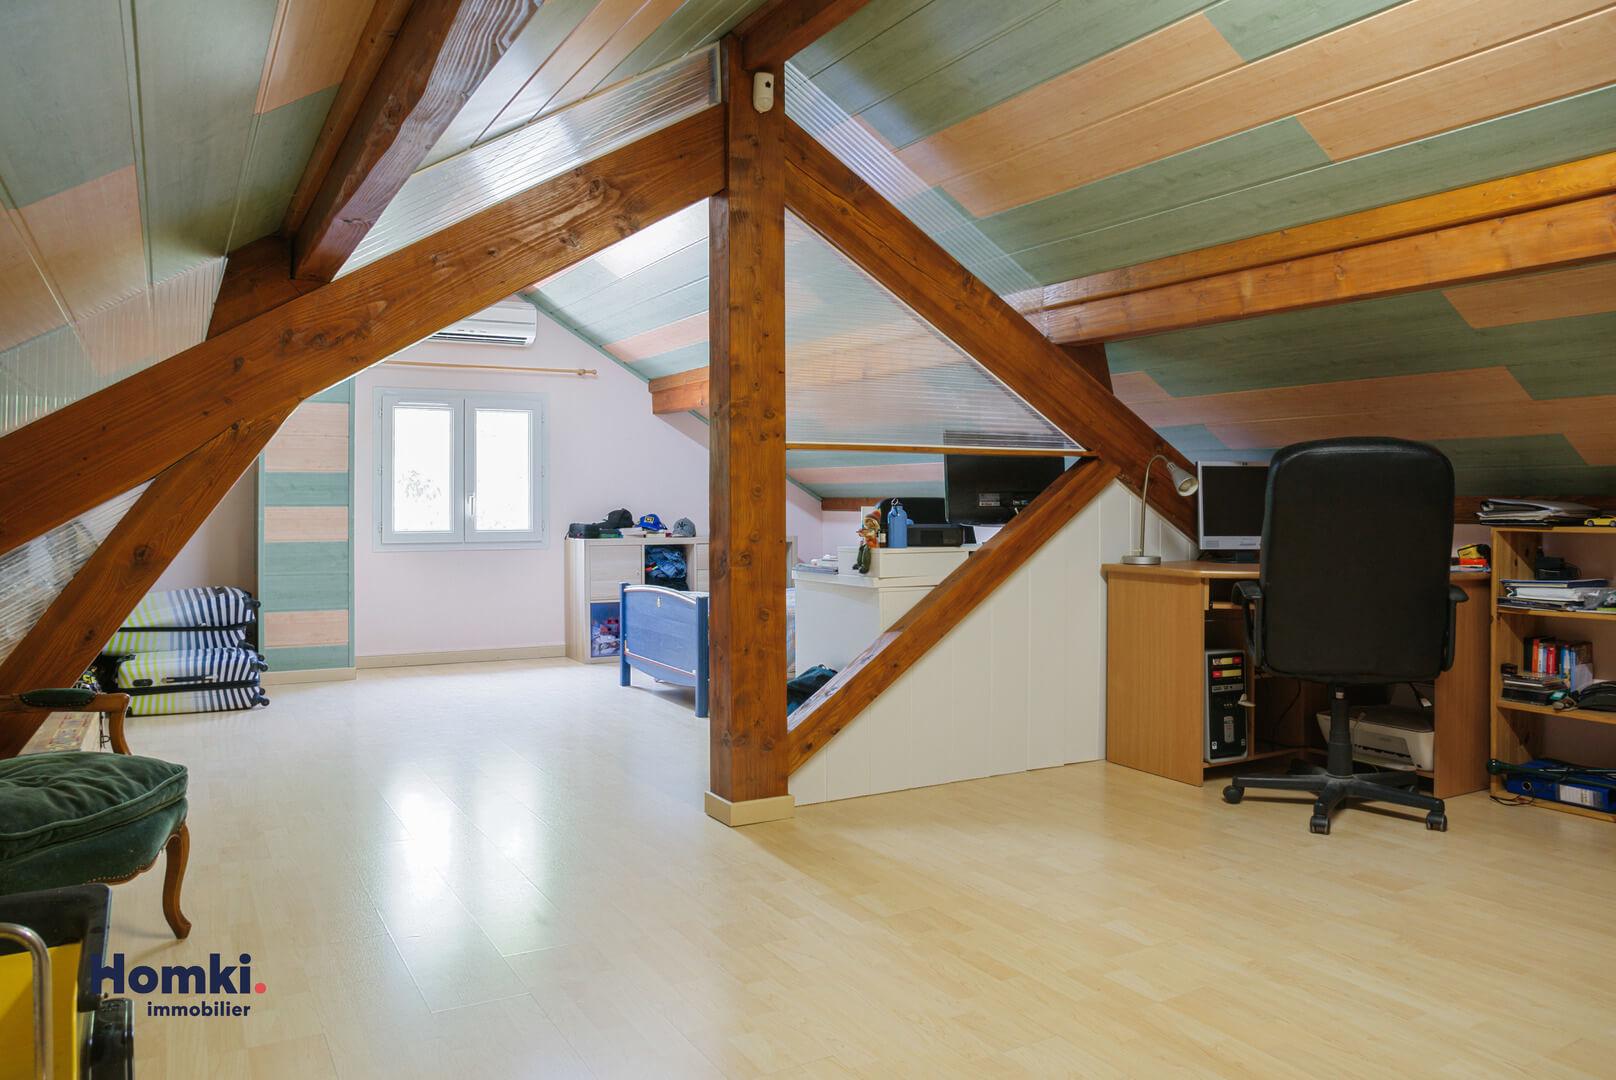 Vente maison 150m² T5 38270_8